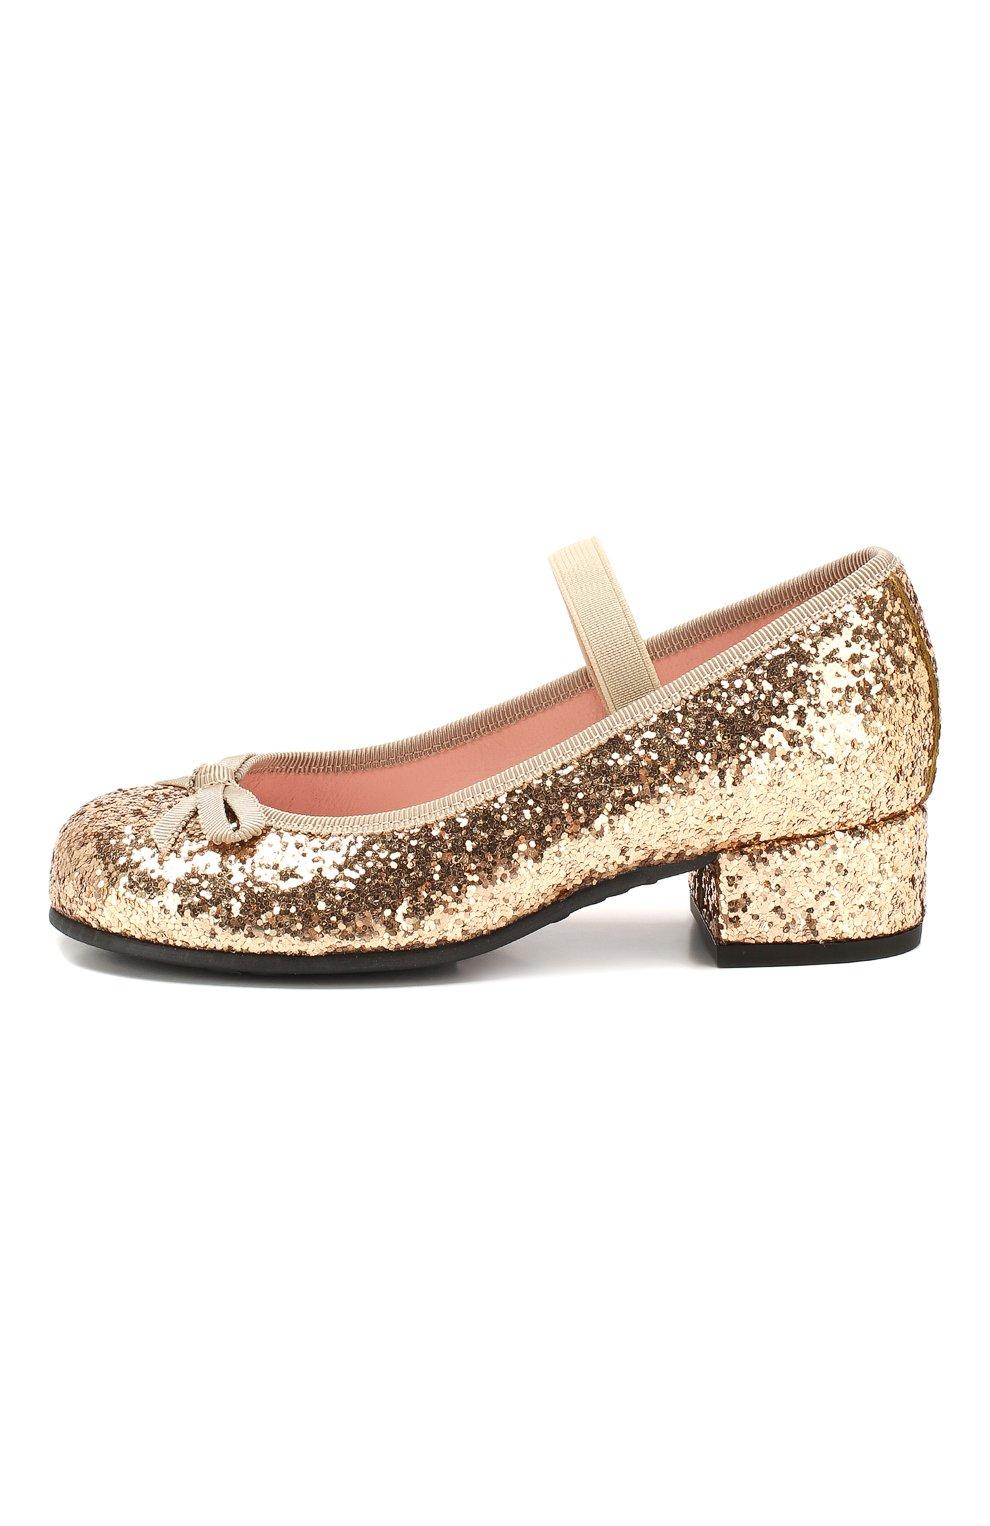 Детские туфли с перемычкой PRETTY BALLERINAS золотого цвета, арт. 44.097/KYLIE   Фото 2